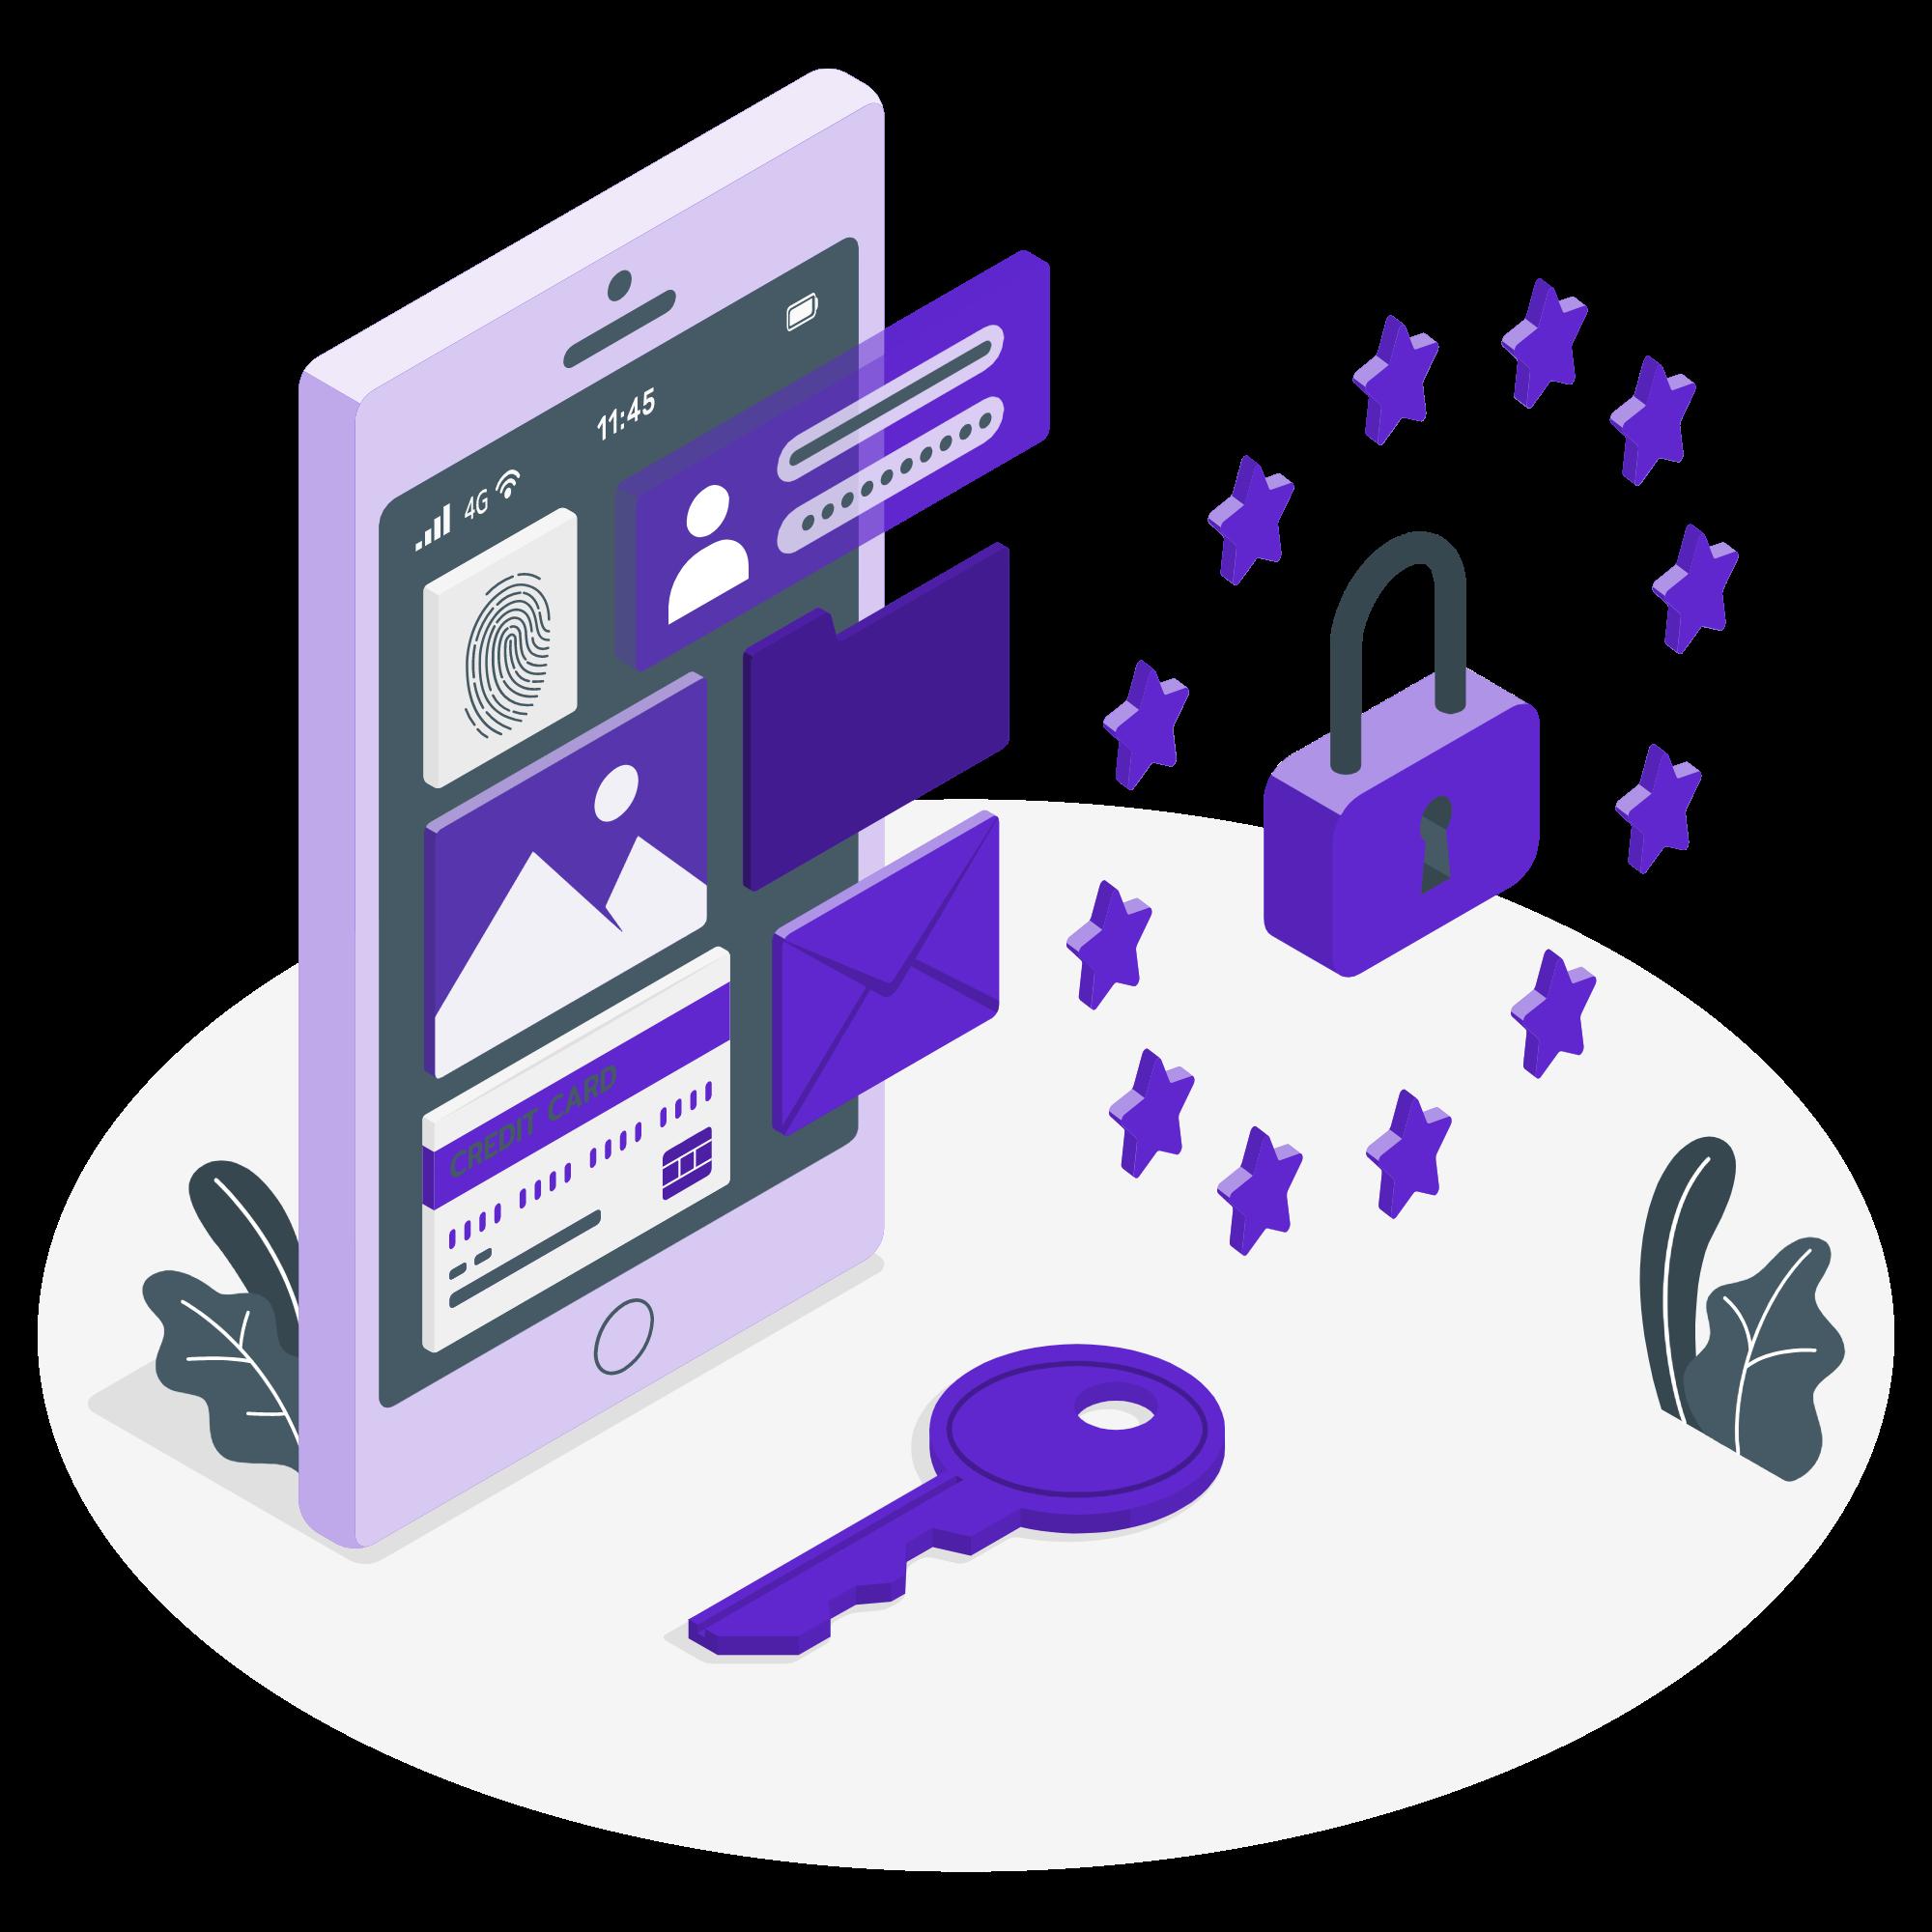 Servidor CDN y seguridad - Oferta Tienda Virtual + Página web corporativa 2x1